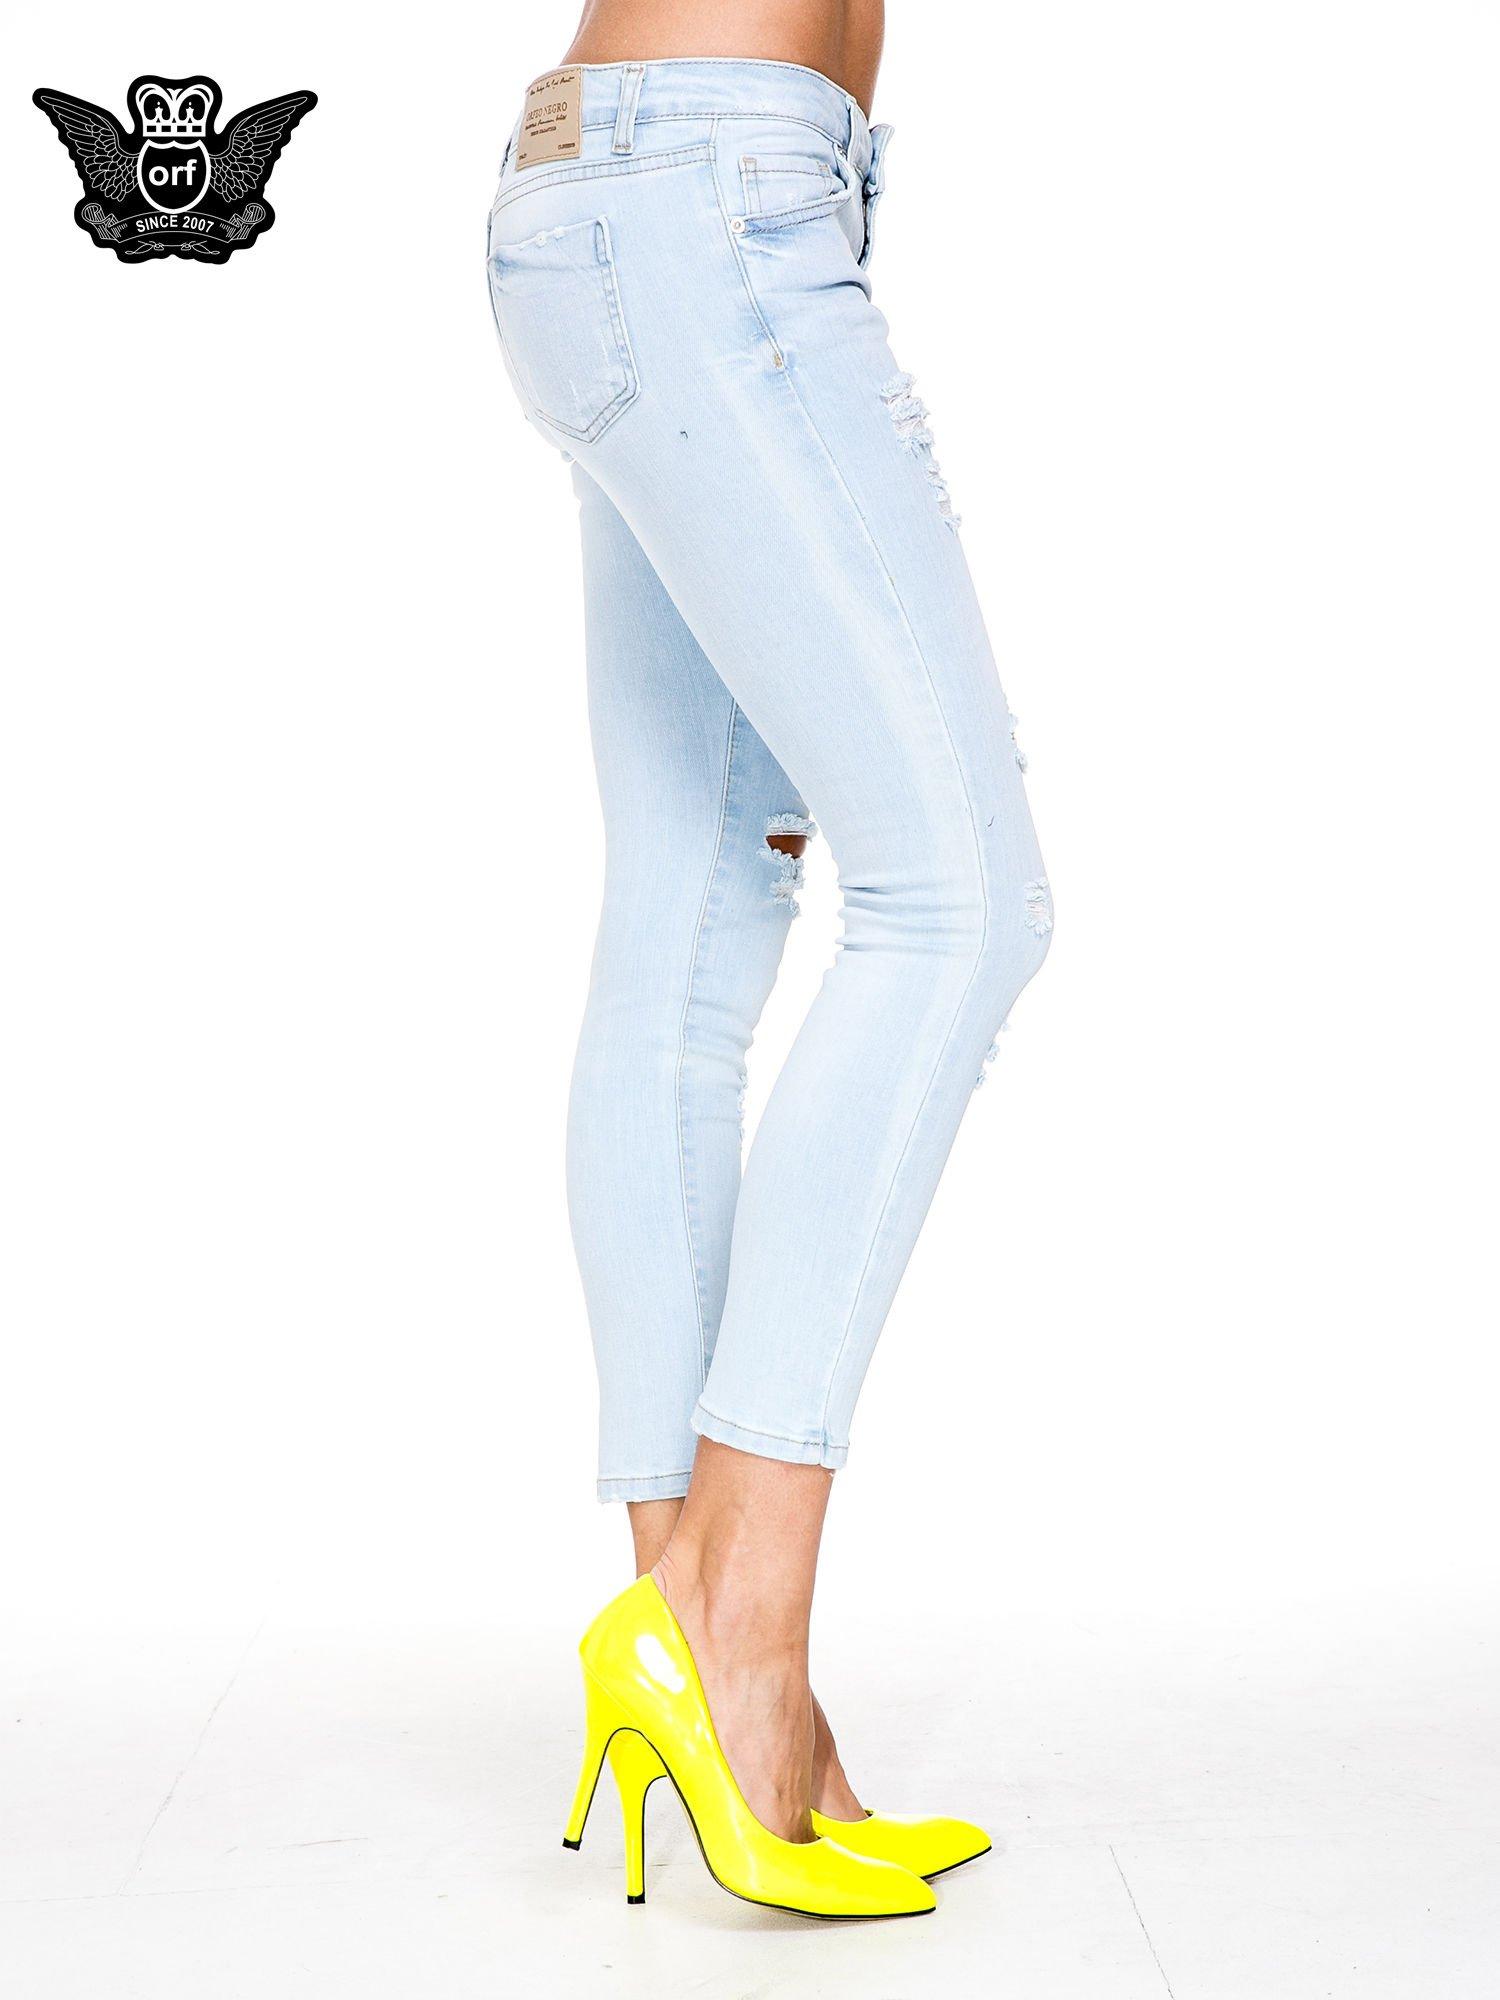 Jasnoniebieskie spodnie jeasnowe skinny jeans z łatami i dziurami                                  zdj.                                  3